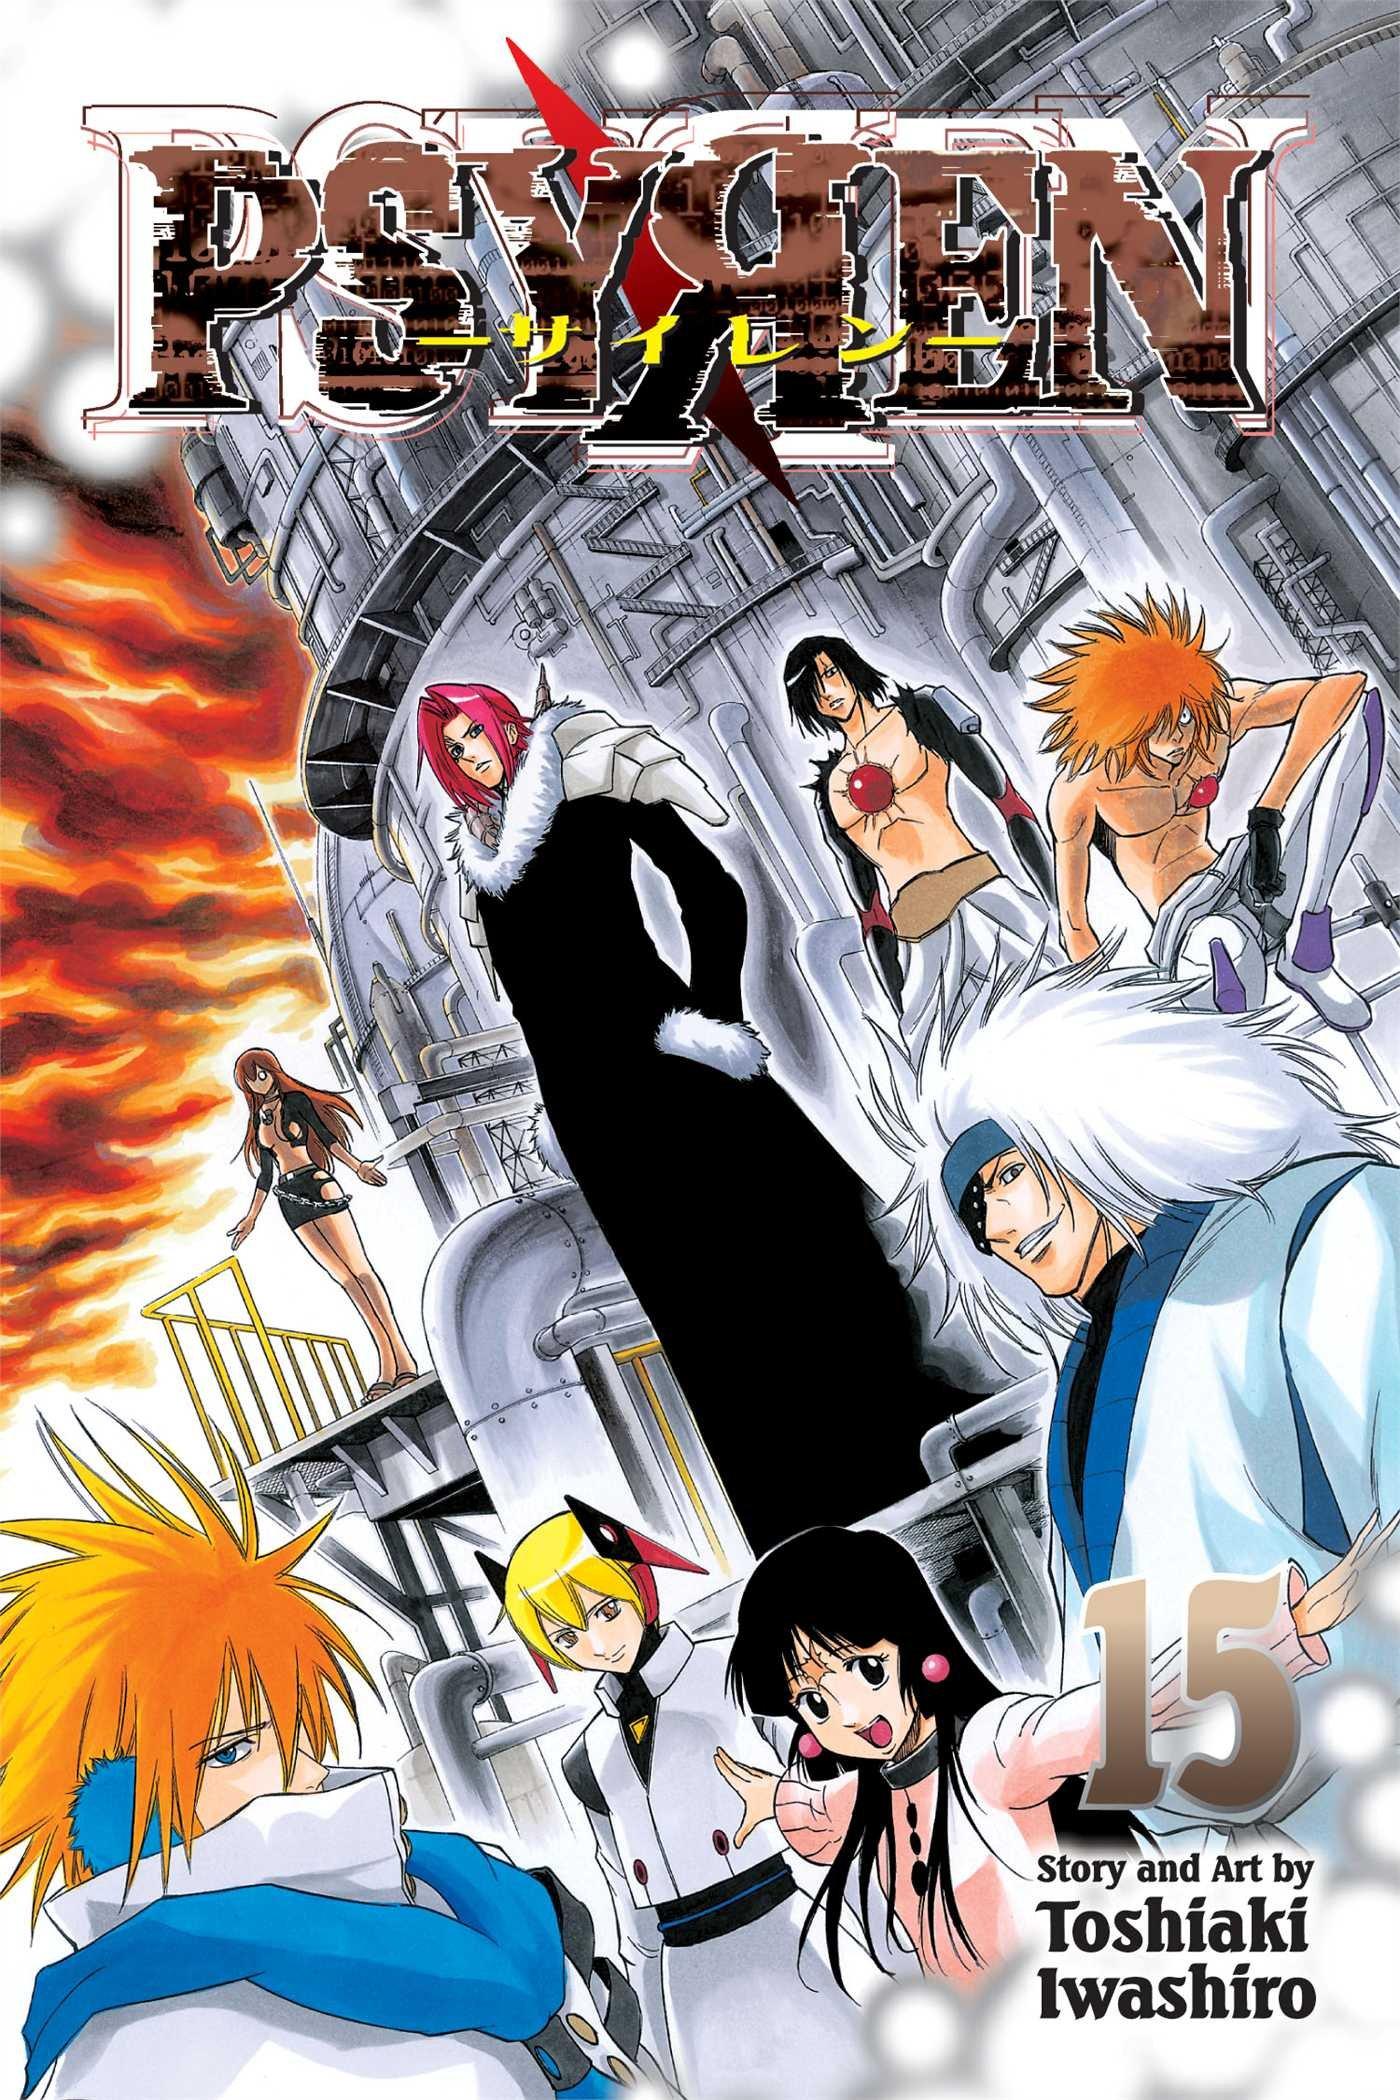 Psyren Vol 15 15 Iwashiro Toshiaki 9781421559155 Amazon Com Books